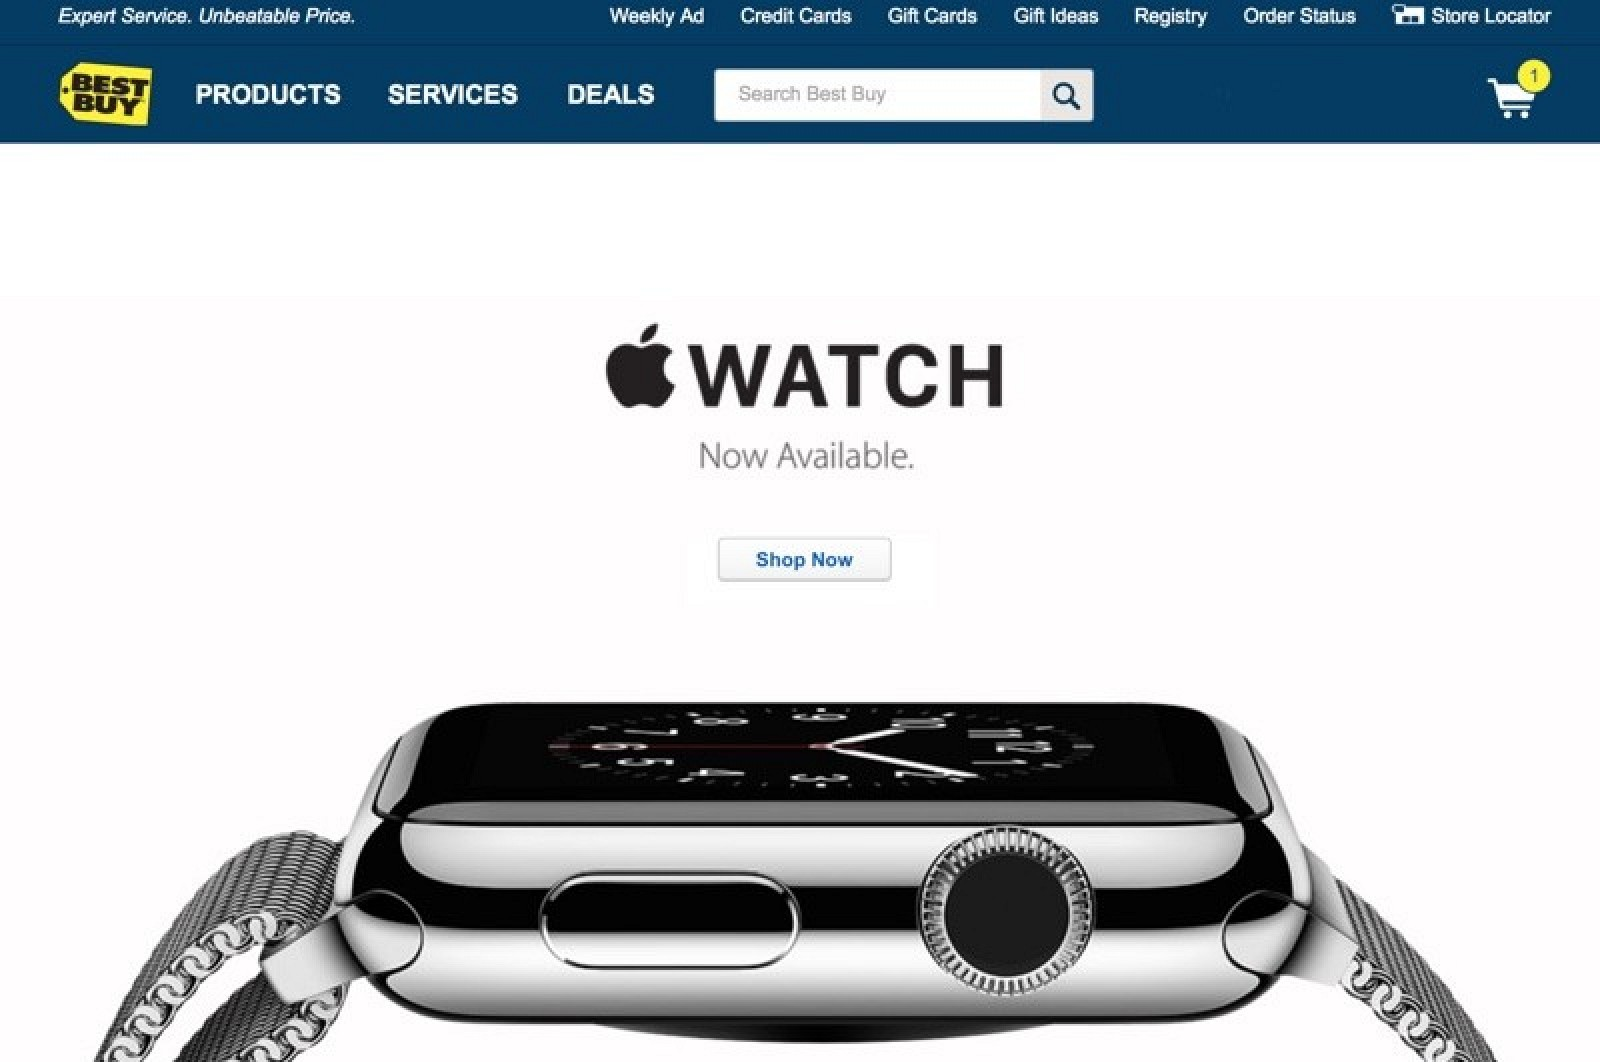 Airpods Iphone 7 >> Best Buy Begins Selling Apple Watch - Mac Rumors